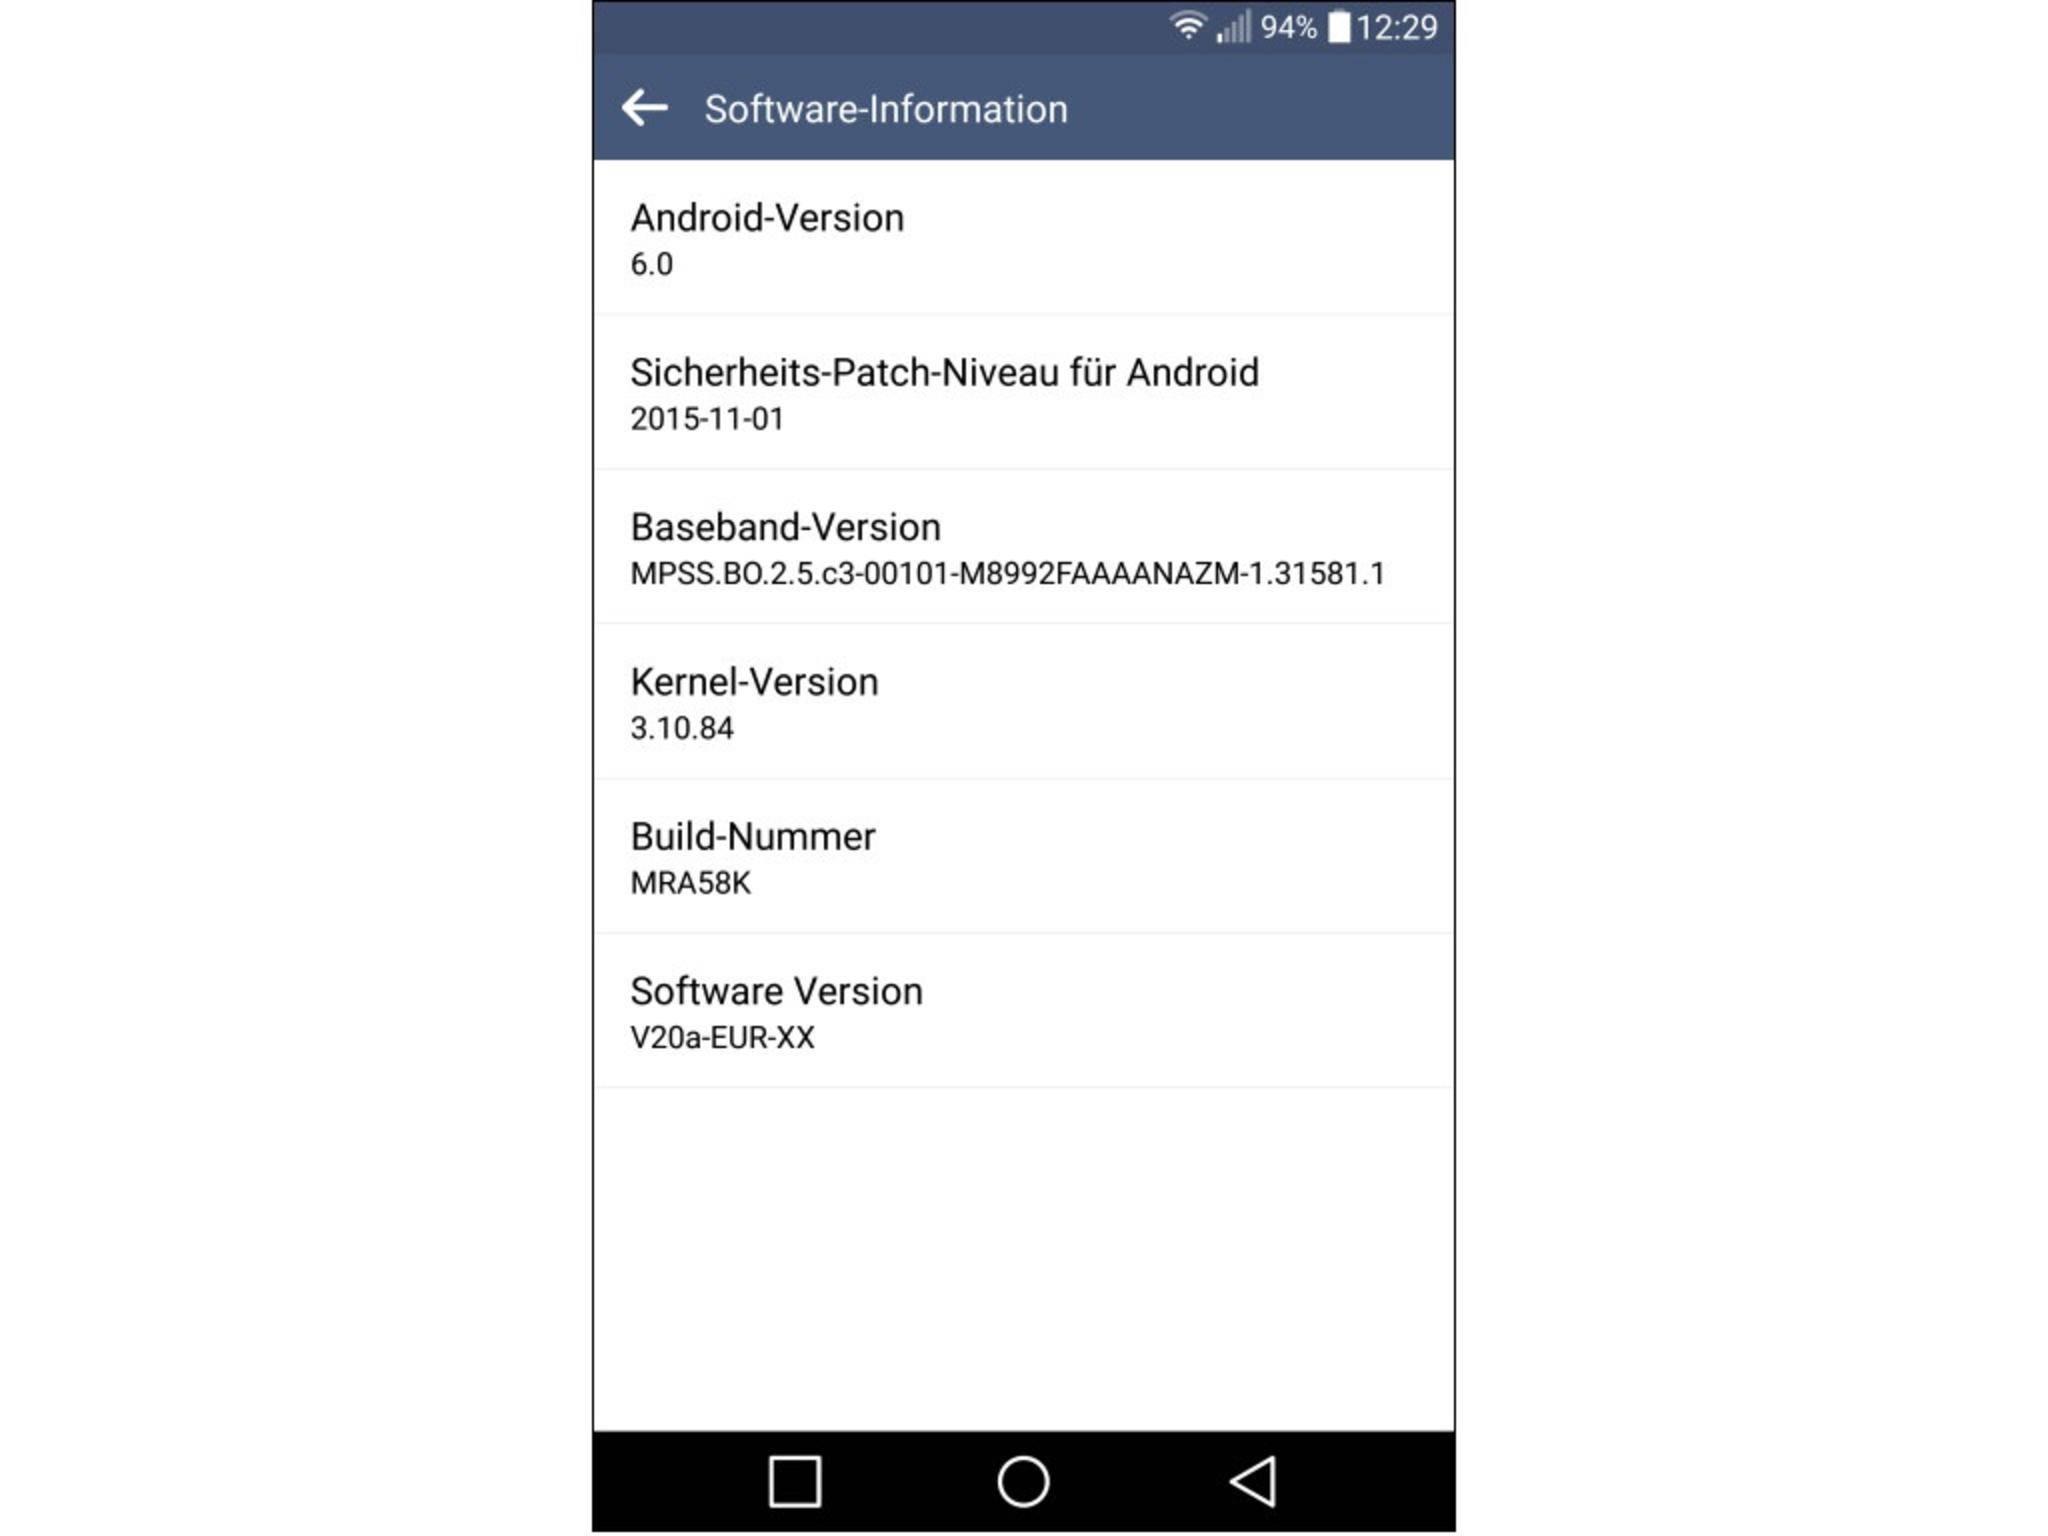 Das LG G4 erhält Android 6.0 rund zwei Monate nach dem Release des neuen OS.